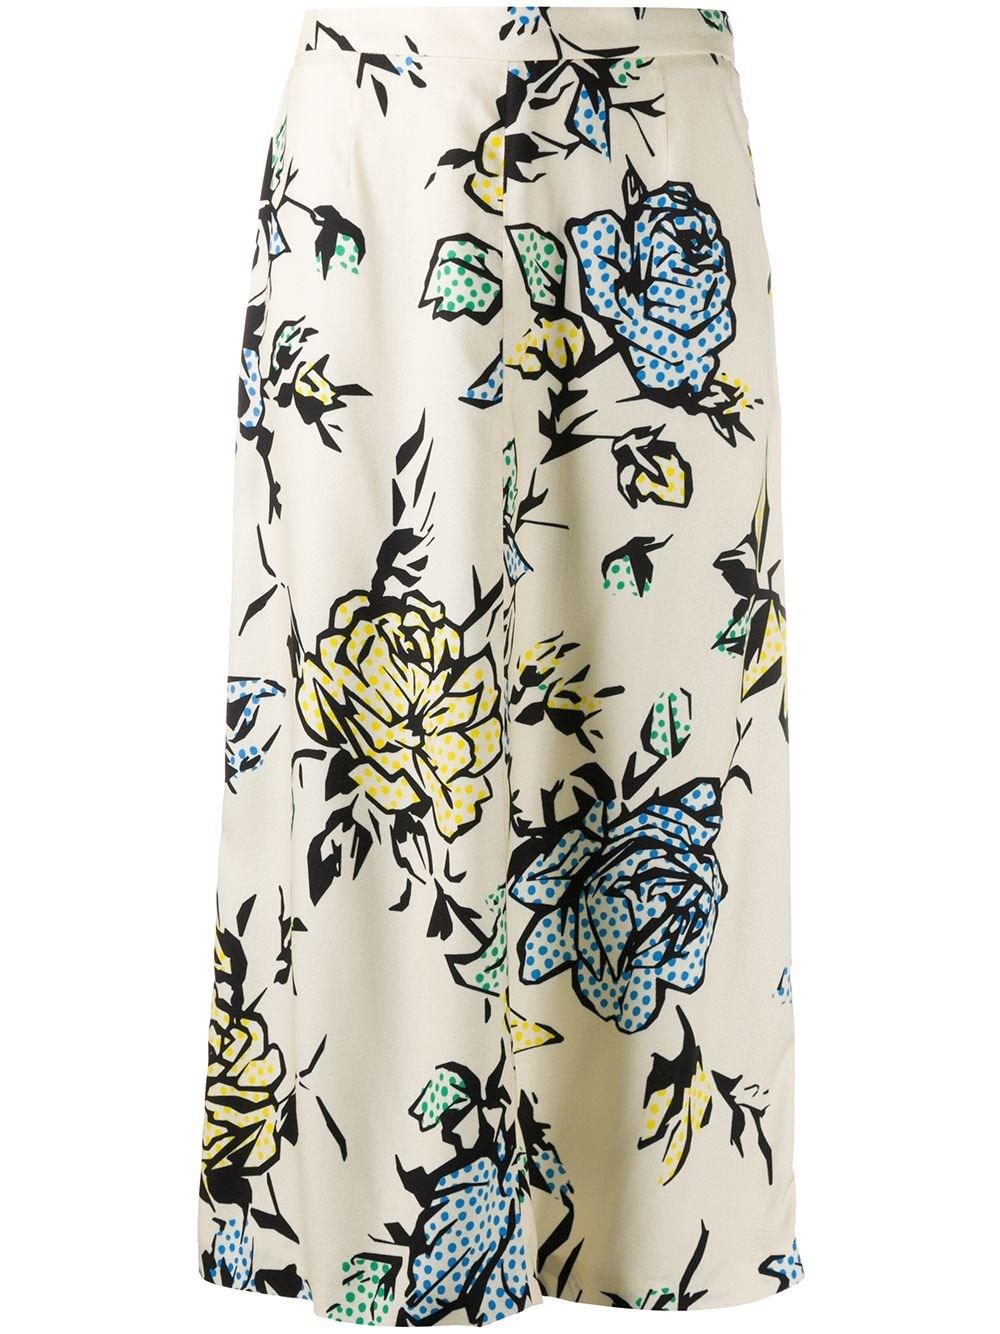 REDVALENTINO Flower Print Crepe Skirt